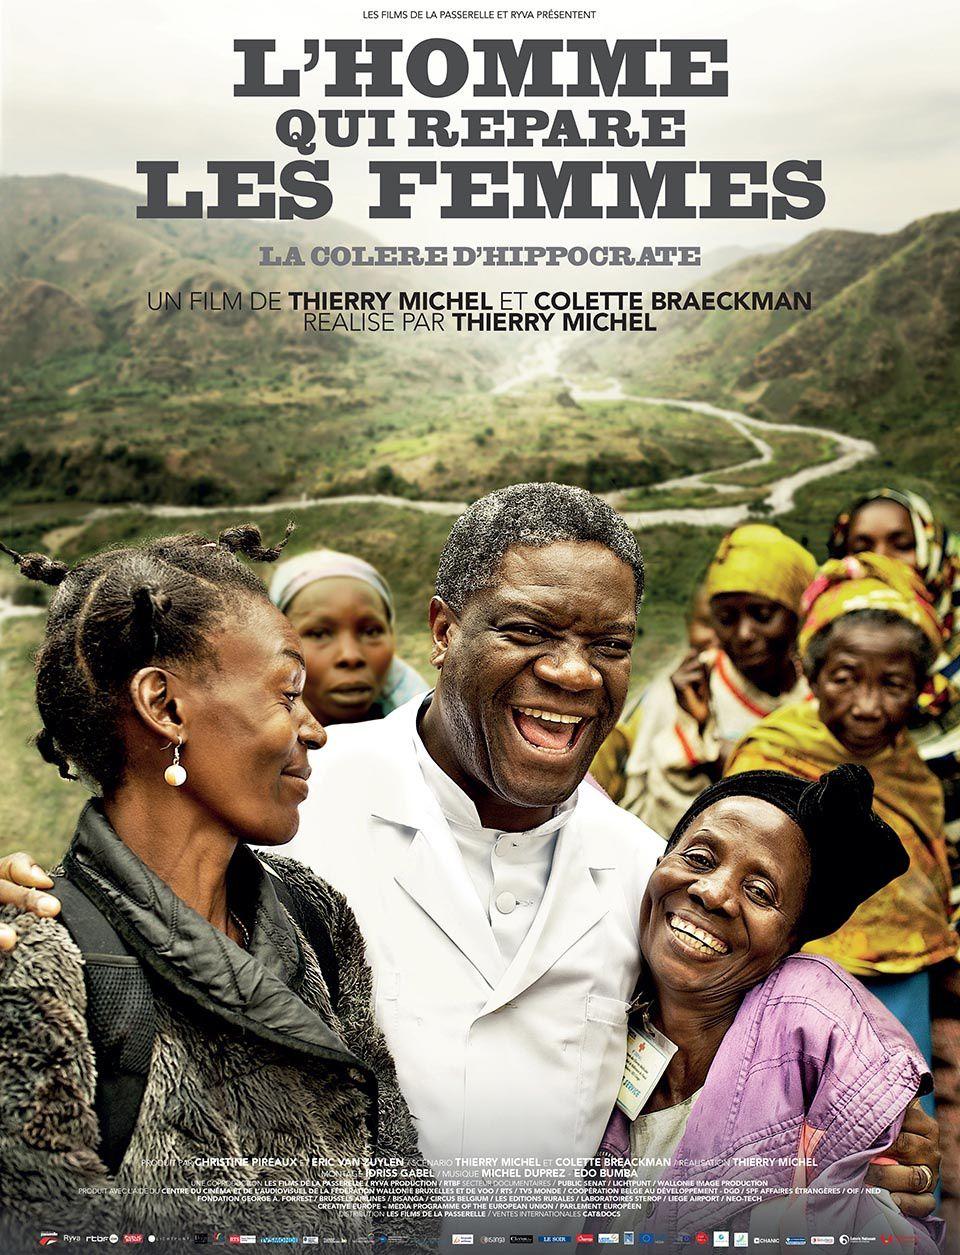 Le documentaire L'Homme qui répare les femmes, interdit en République Démocratique du Congo